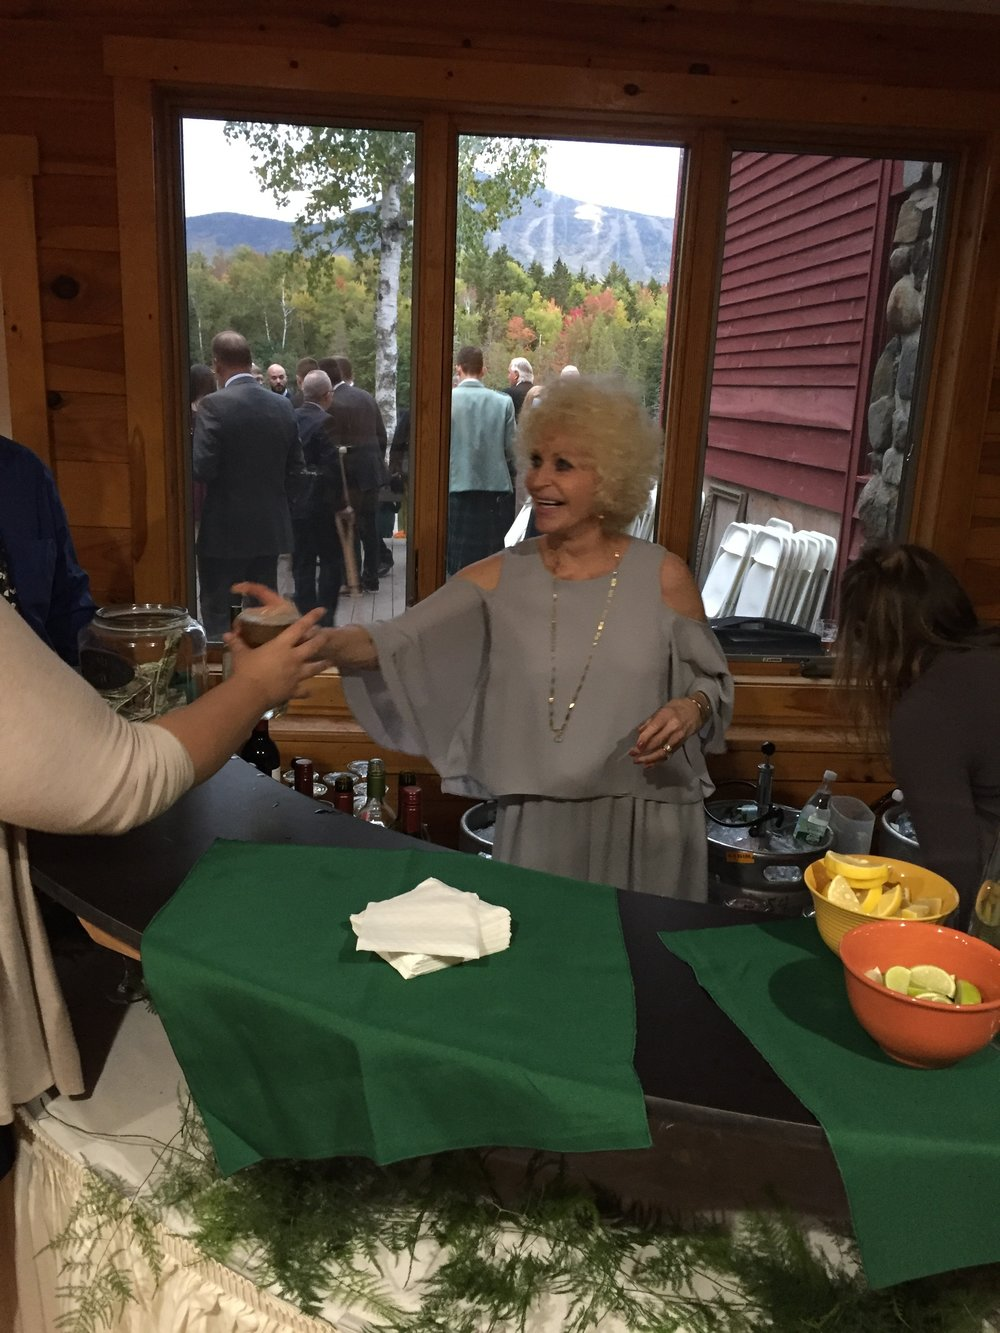 Gran helping an overworked bartender.